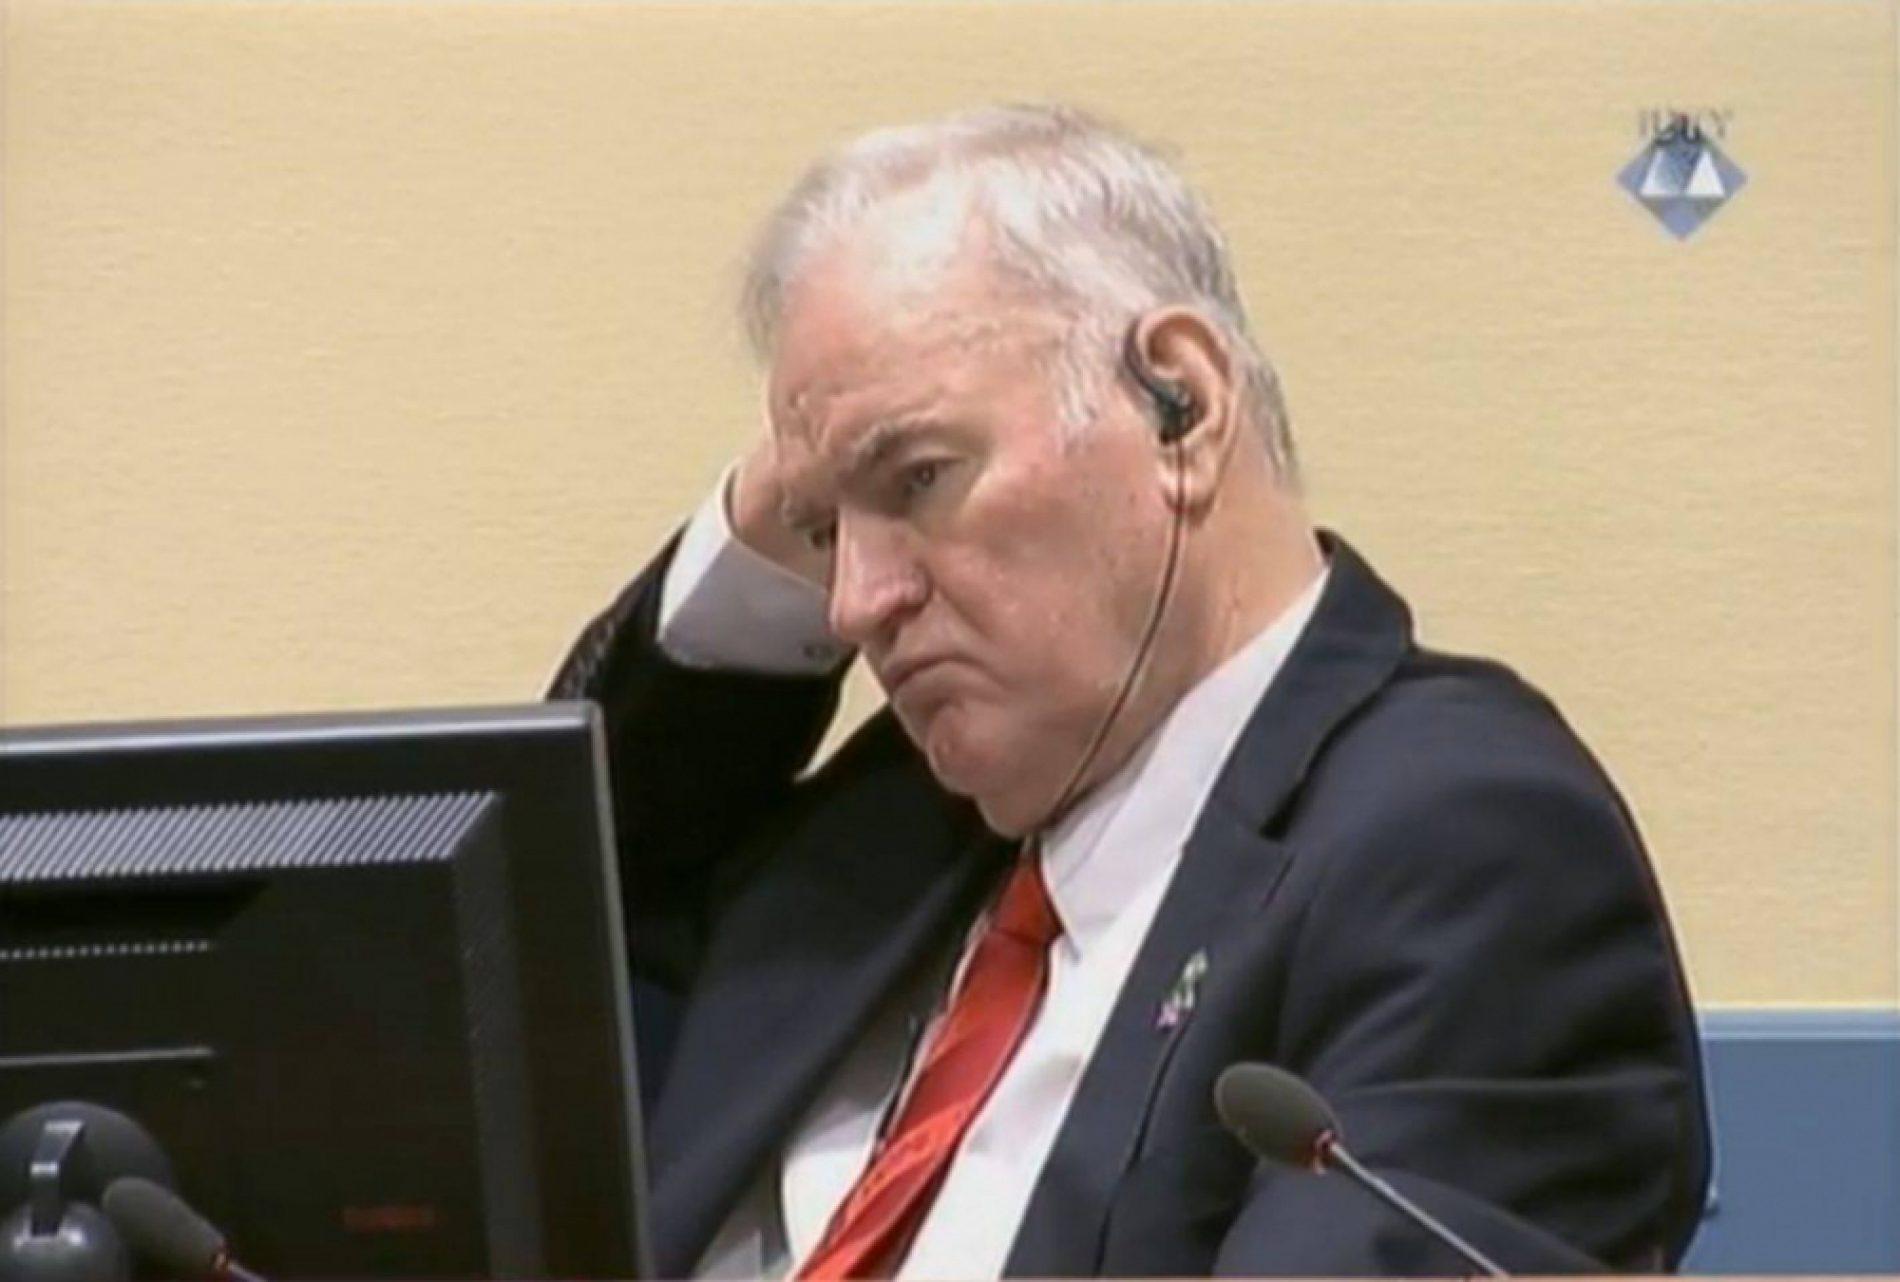 Srpski general Mladić osuđen na doživotnu kaznu zatvora!